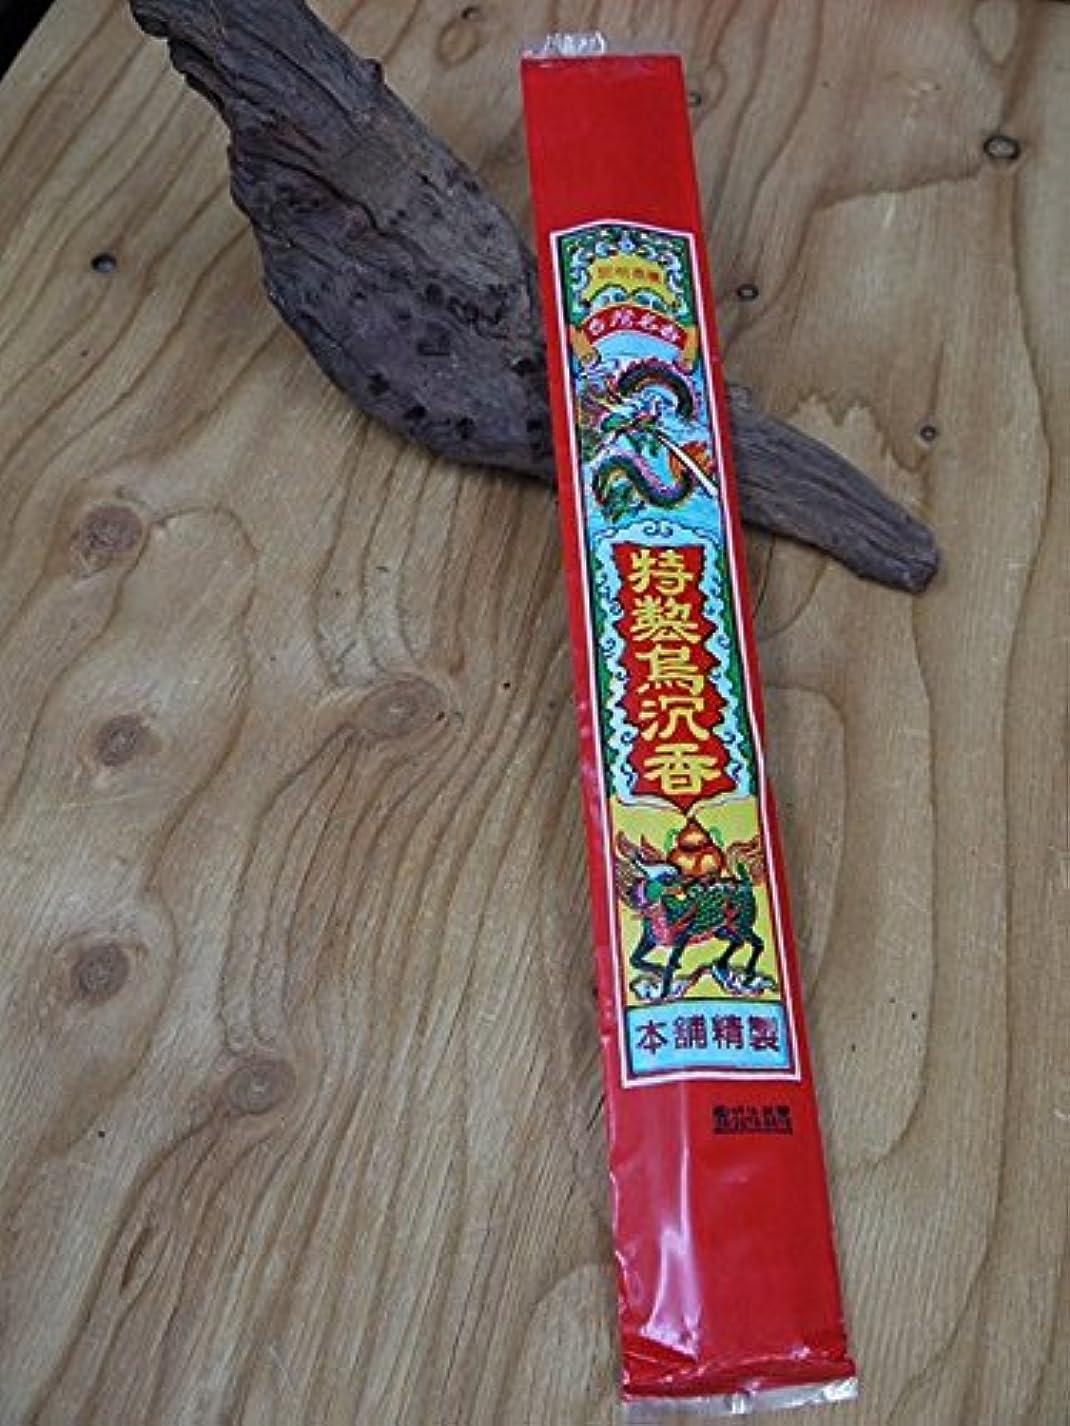 のパン屋告発特製鳥沈香 台湾のお香「特製鳥沈香」お寺などに供えるポピュラーなお香